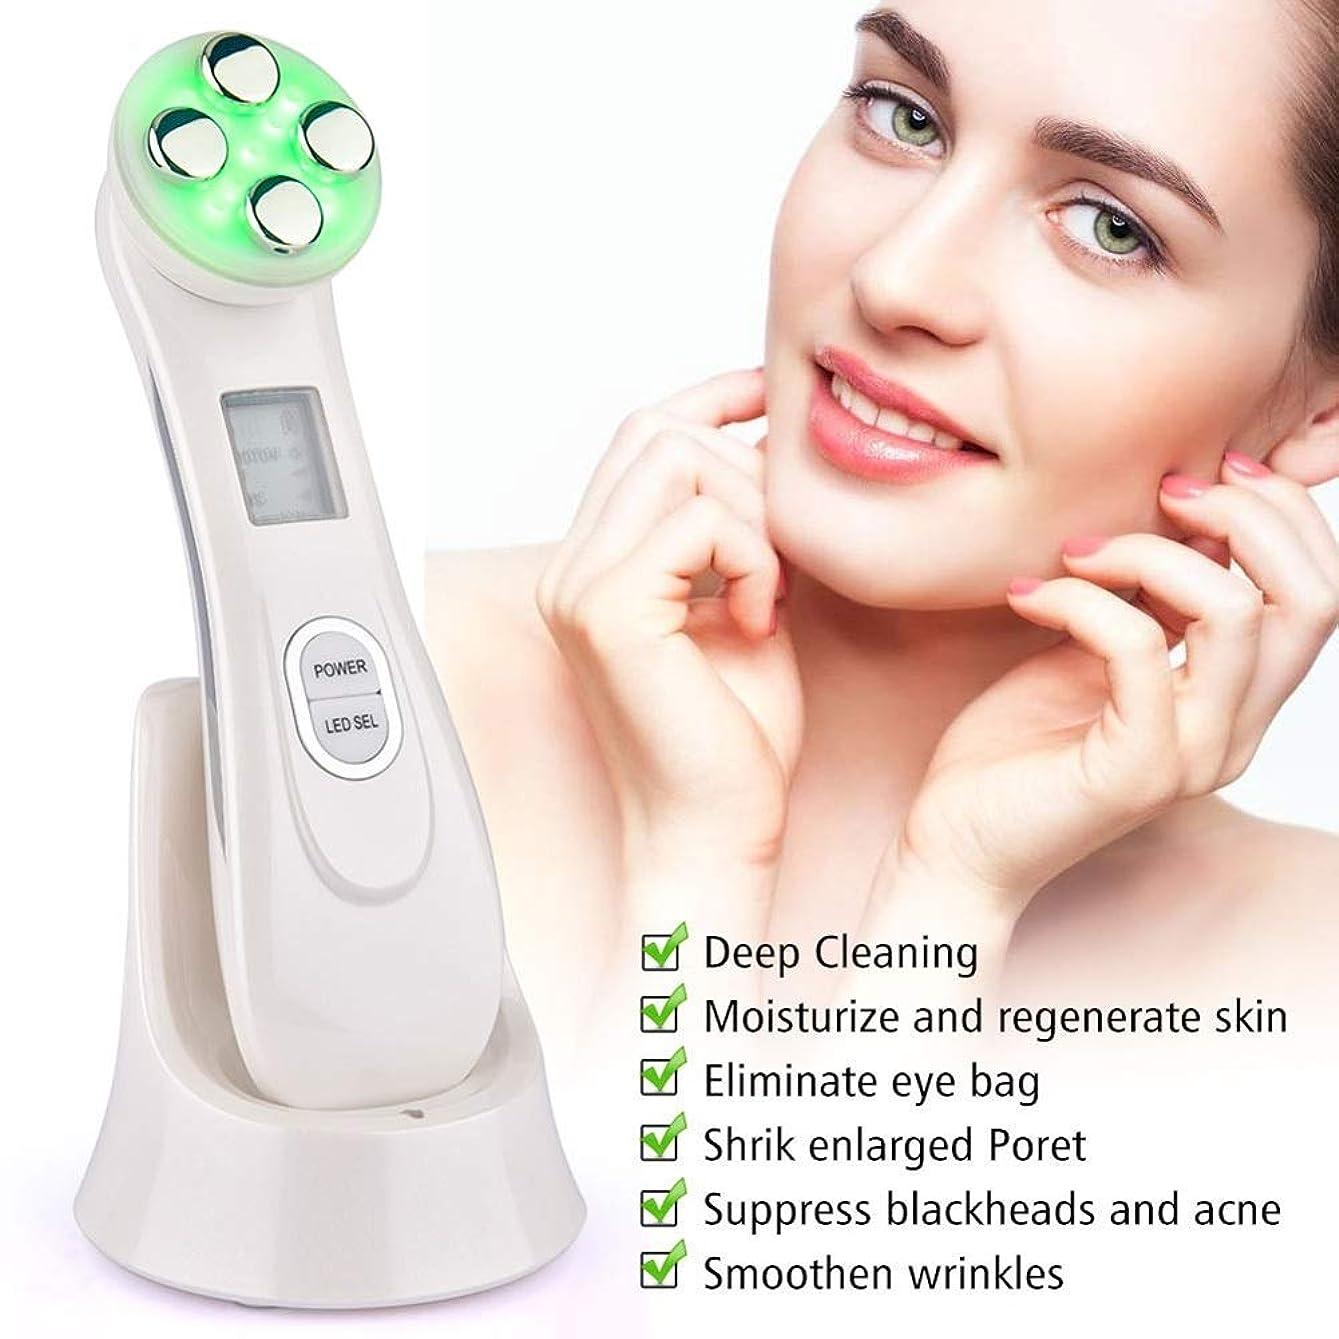 ブラウンヒロイック非常に5に付き1つの美顔術の美肌/ EMS/RFの美顔術の光子のスキンケア装置の表面持ち上がることは美のマッサージ機械をきつく締めます